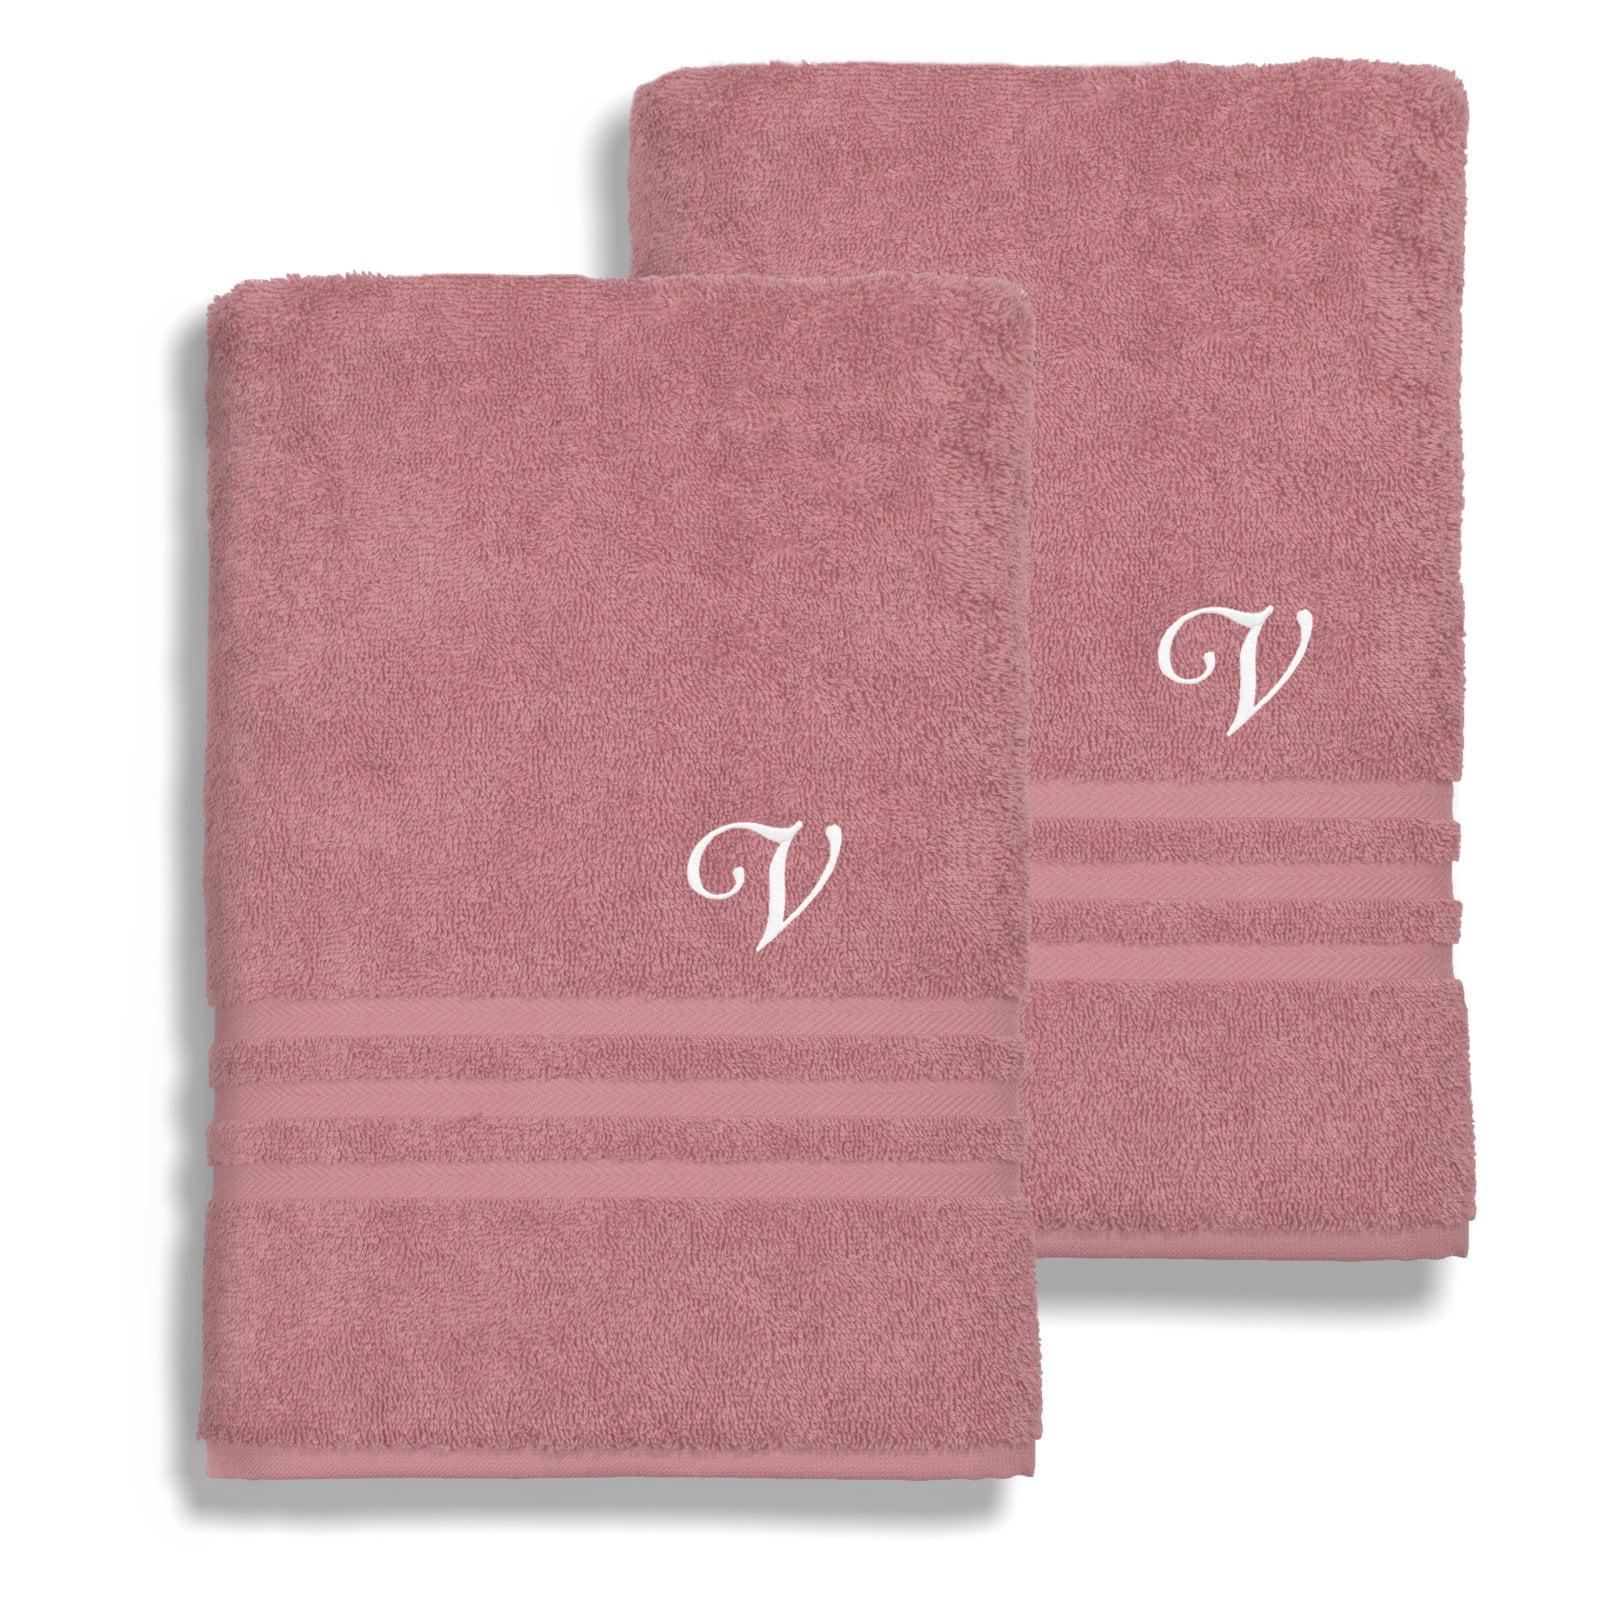 Linum Home Textiles Denzi Cotton Bath Sheets - Set of 2